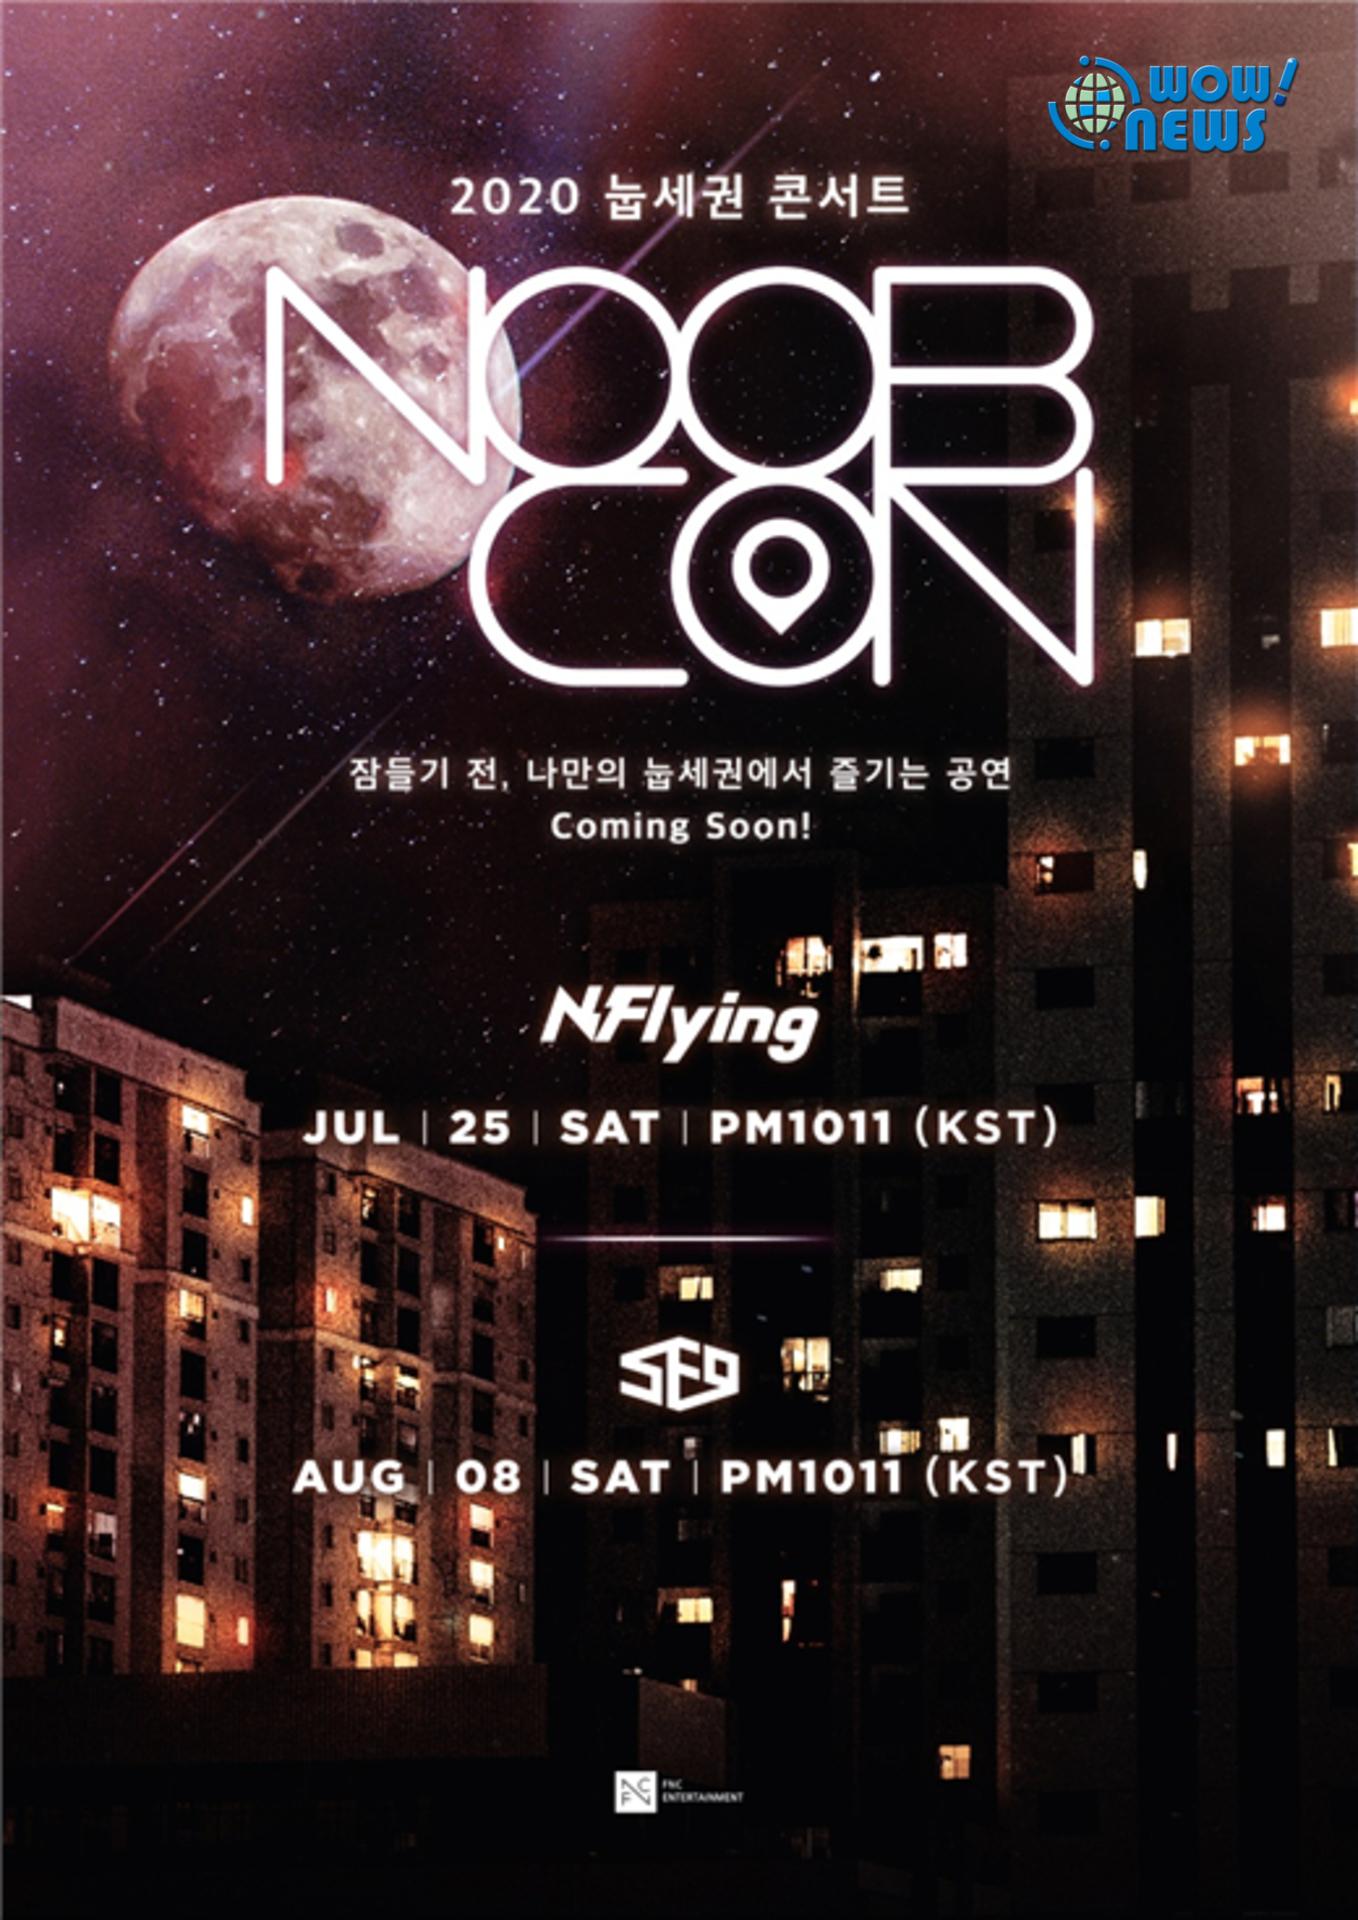 N.Flying×SF9將舉行網上 深夜演唱會「NOOB CON」